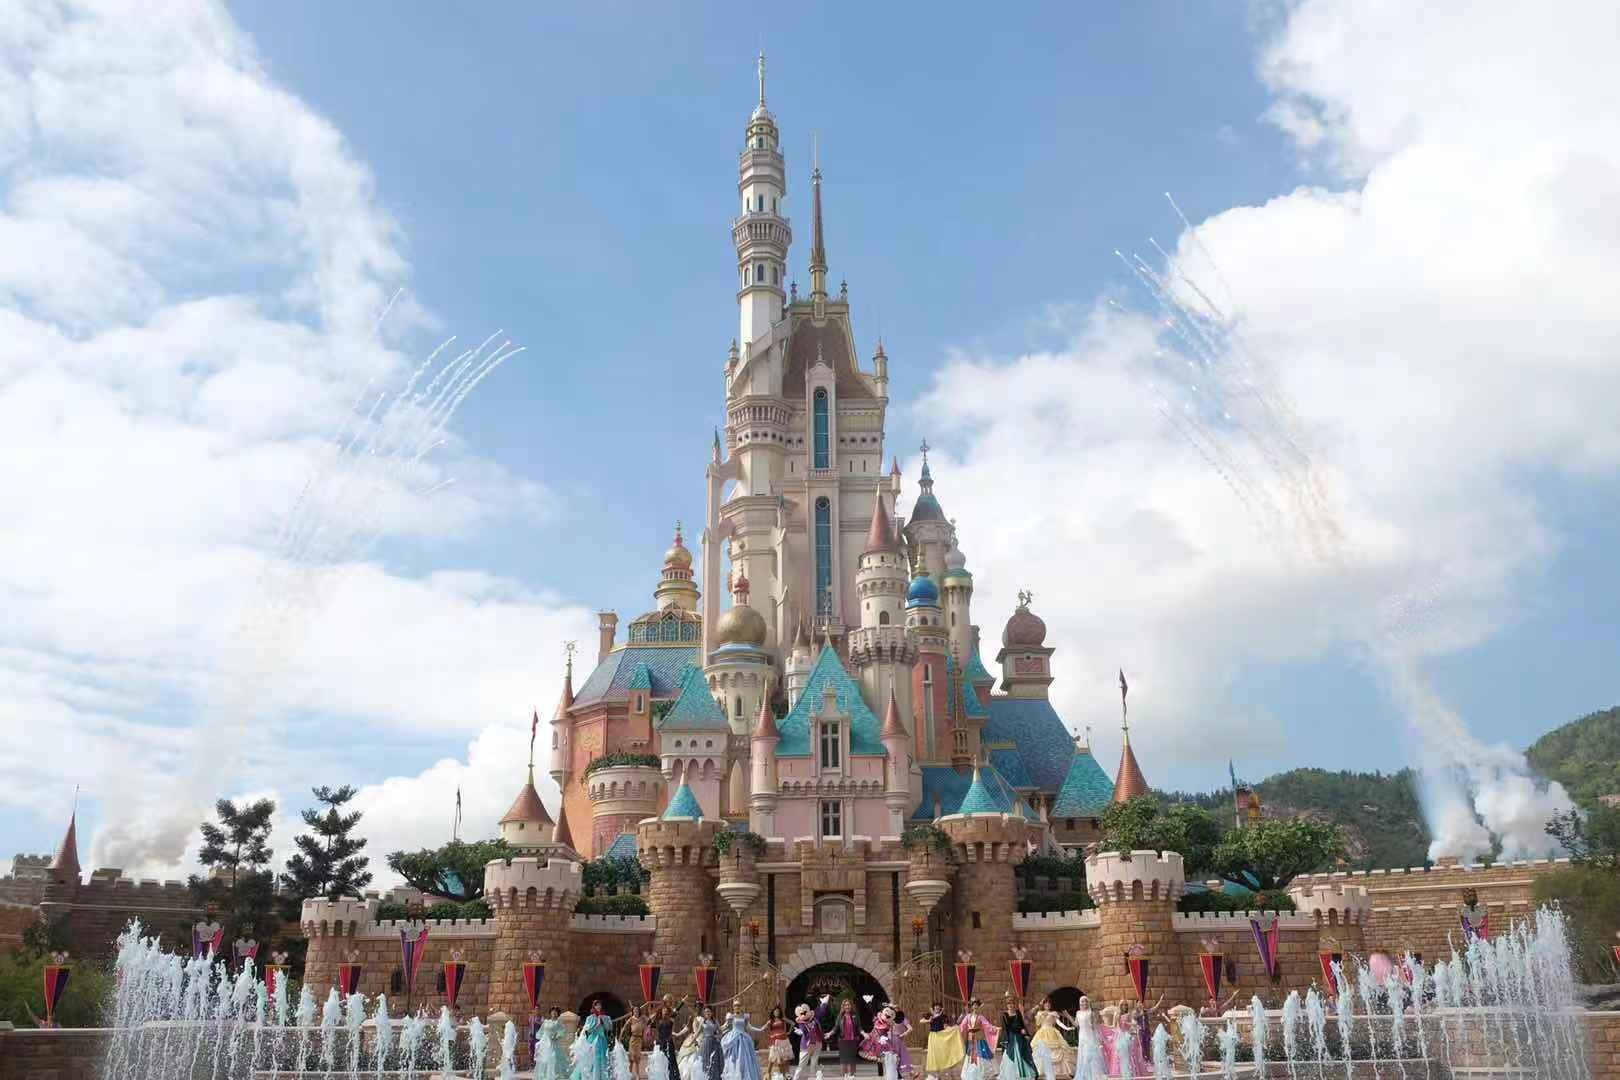 香港迪士尼即將迎來15周年慶典。據了解,香港迪士尼樂園度假區「15周年奇妙慶典」將於明日(21日)正式開幕。施工期4年的全新城堡「奇妙夢想城堡」亦會於明日正式開幕,該城堡是全球首個迪士尼樂園營運中改裝的城堡,以13位公主和女王為主題,新城堡比舊城堡高一倍。(大公文匯全媒體記者攝)